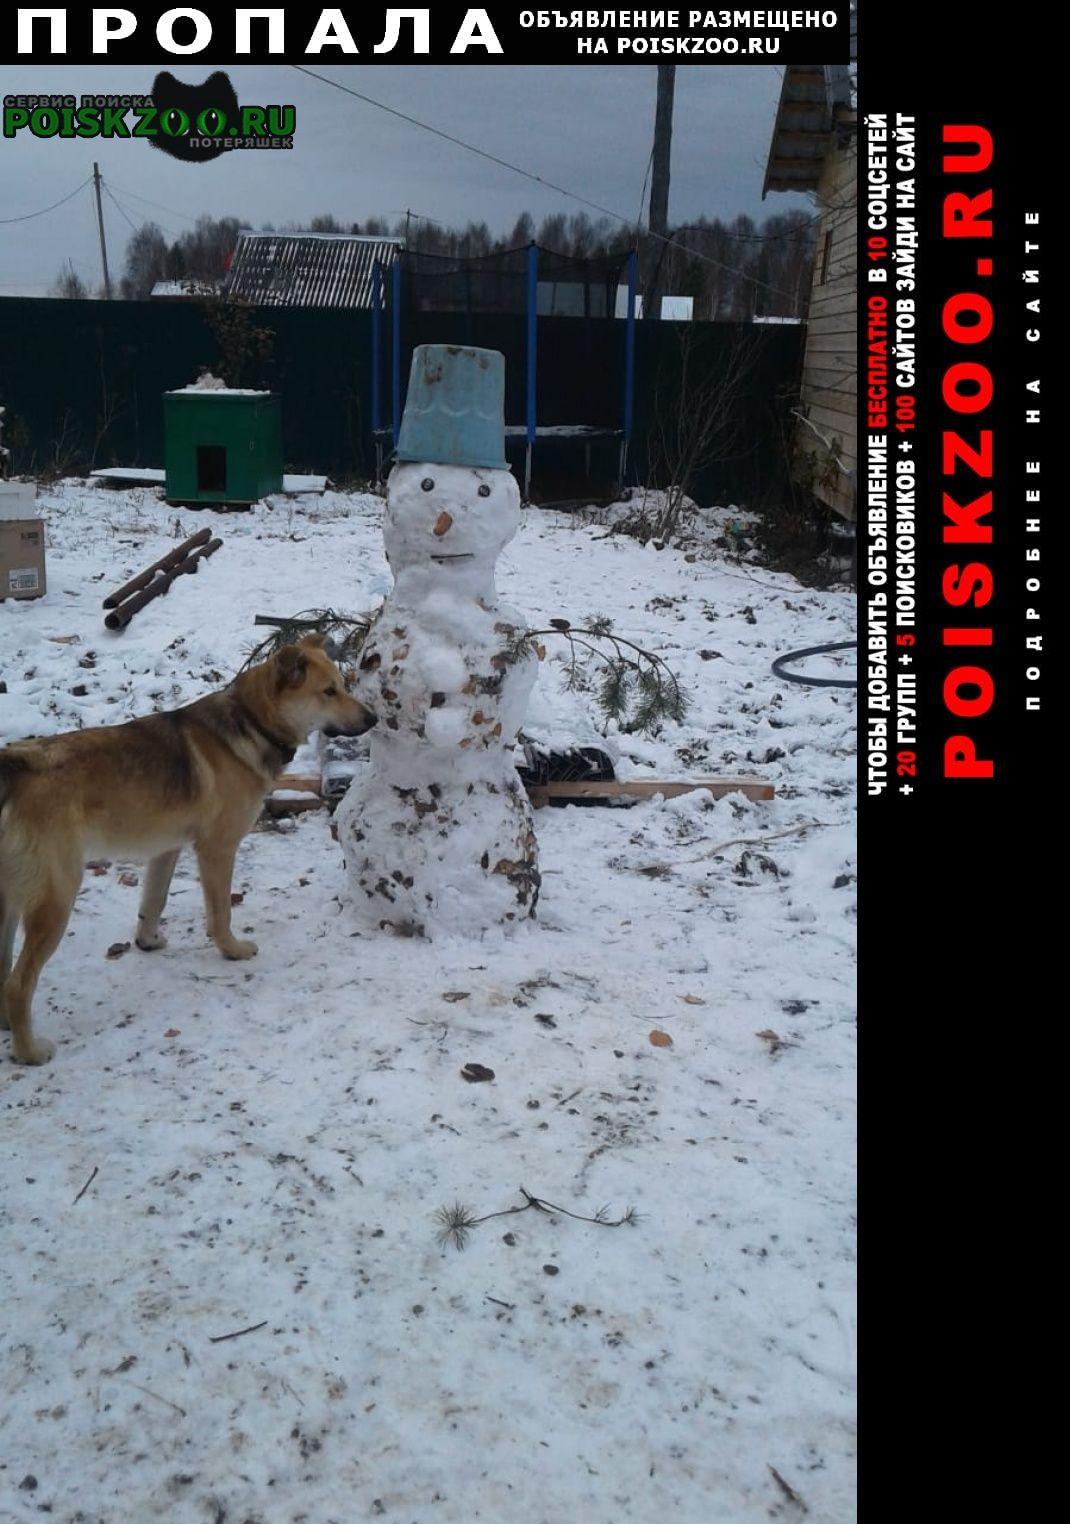 Пропала собака кобель около года Верхняя Пышма